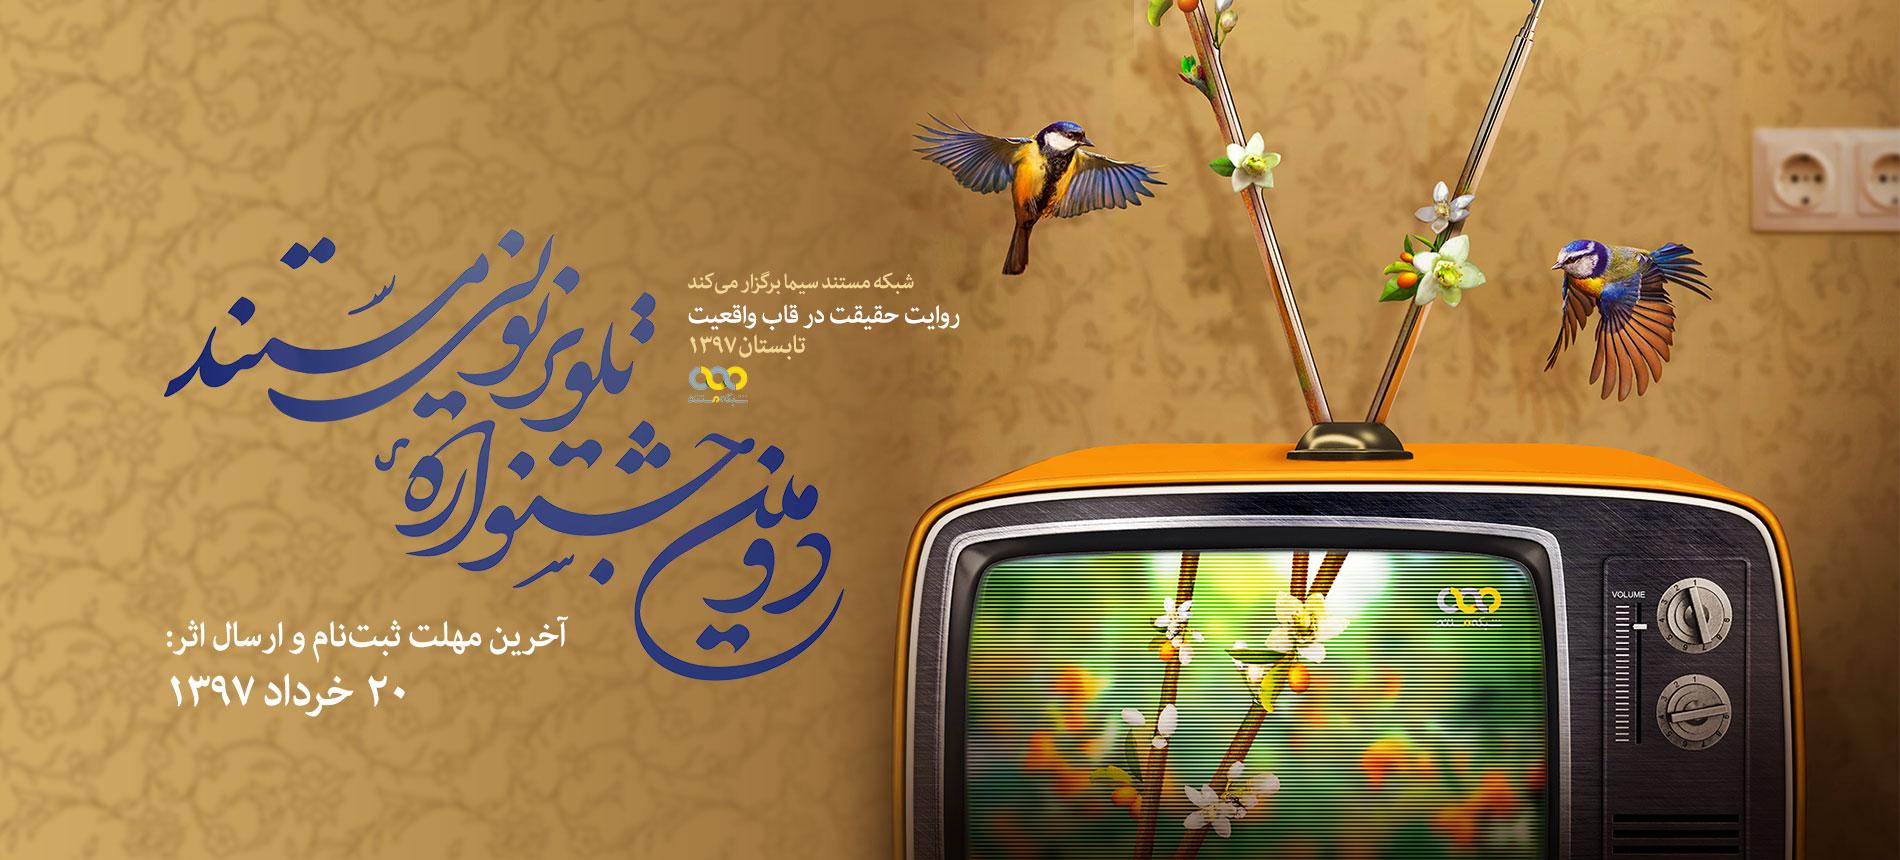 جشنواره تلویزیونی مستند-فصل چهارم